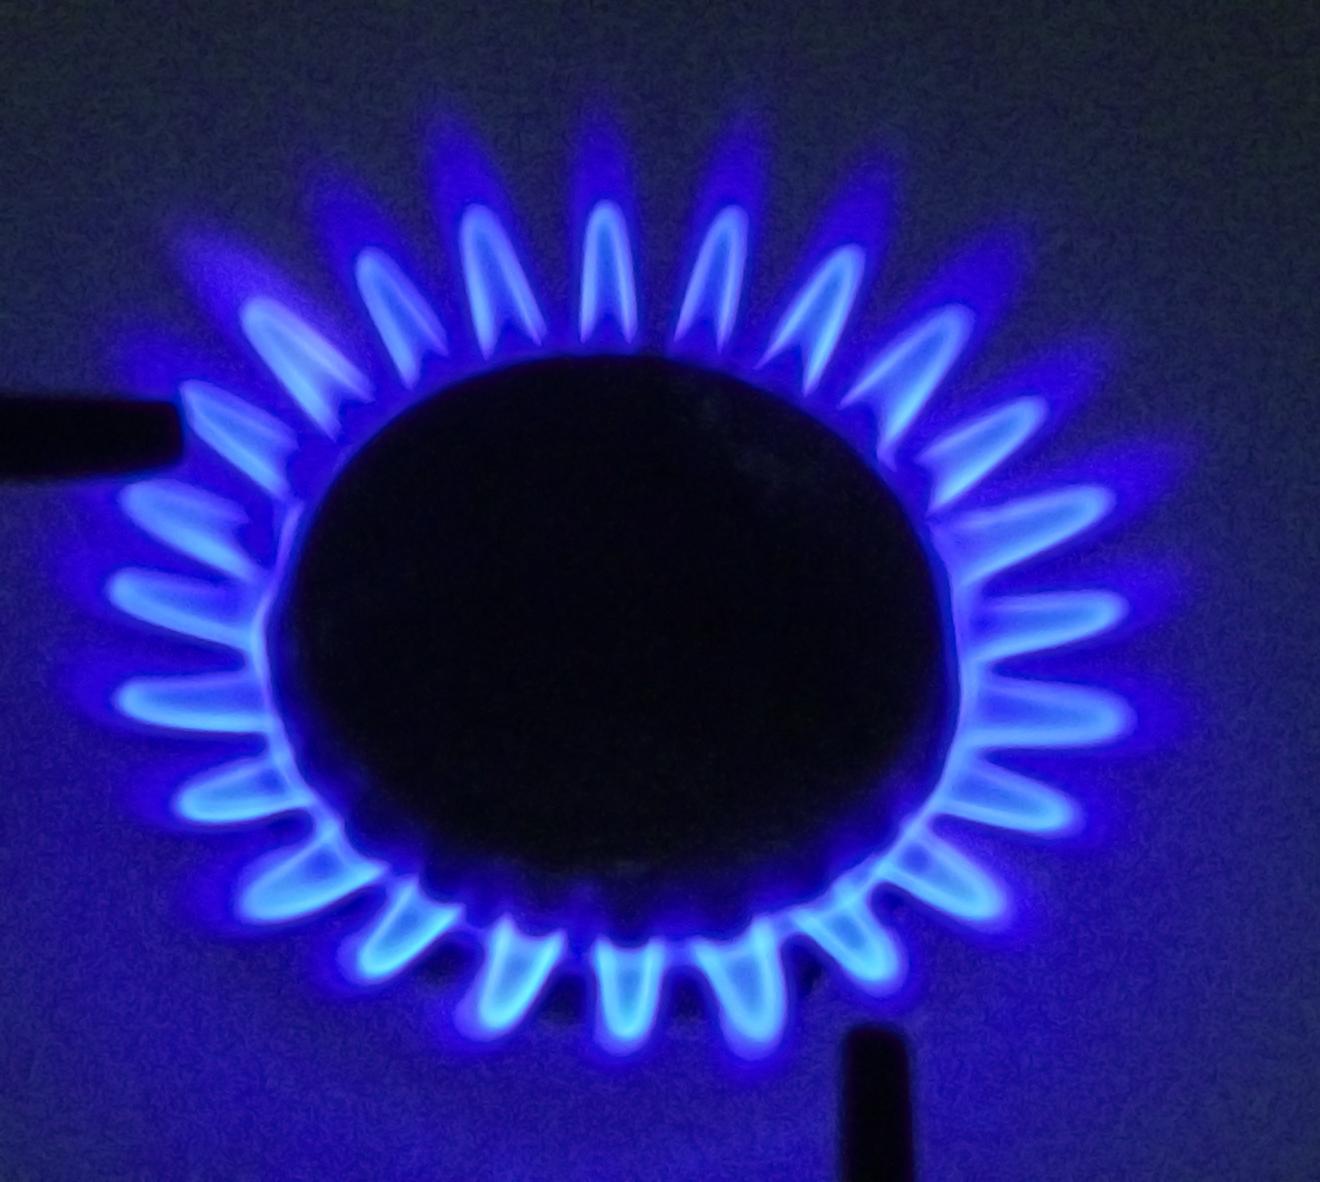 توصیه شرکت گاز به مسافران نوروزی/ شیر گاز ساختمانها را ببندید